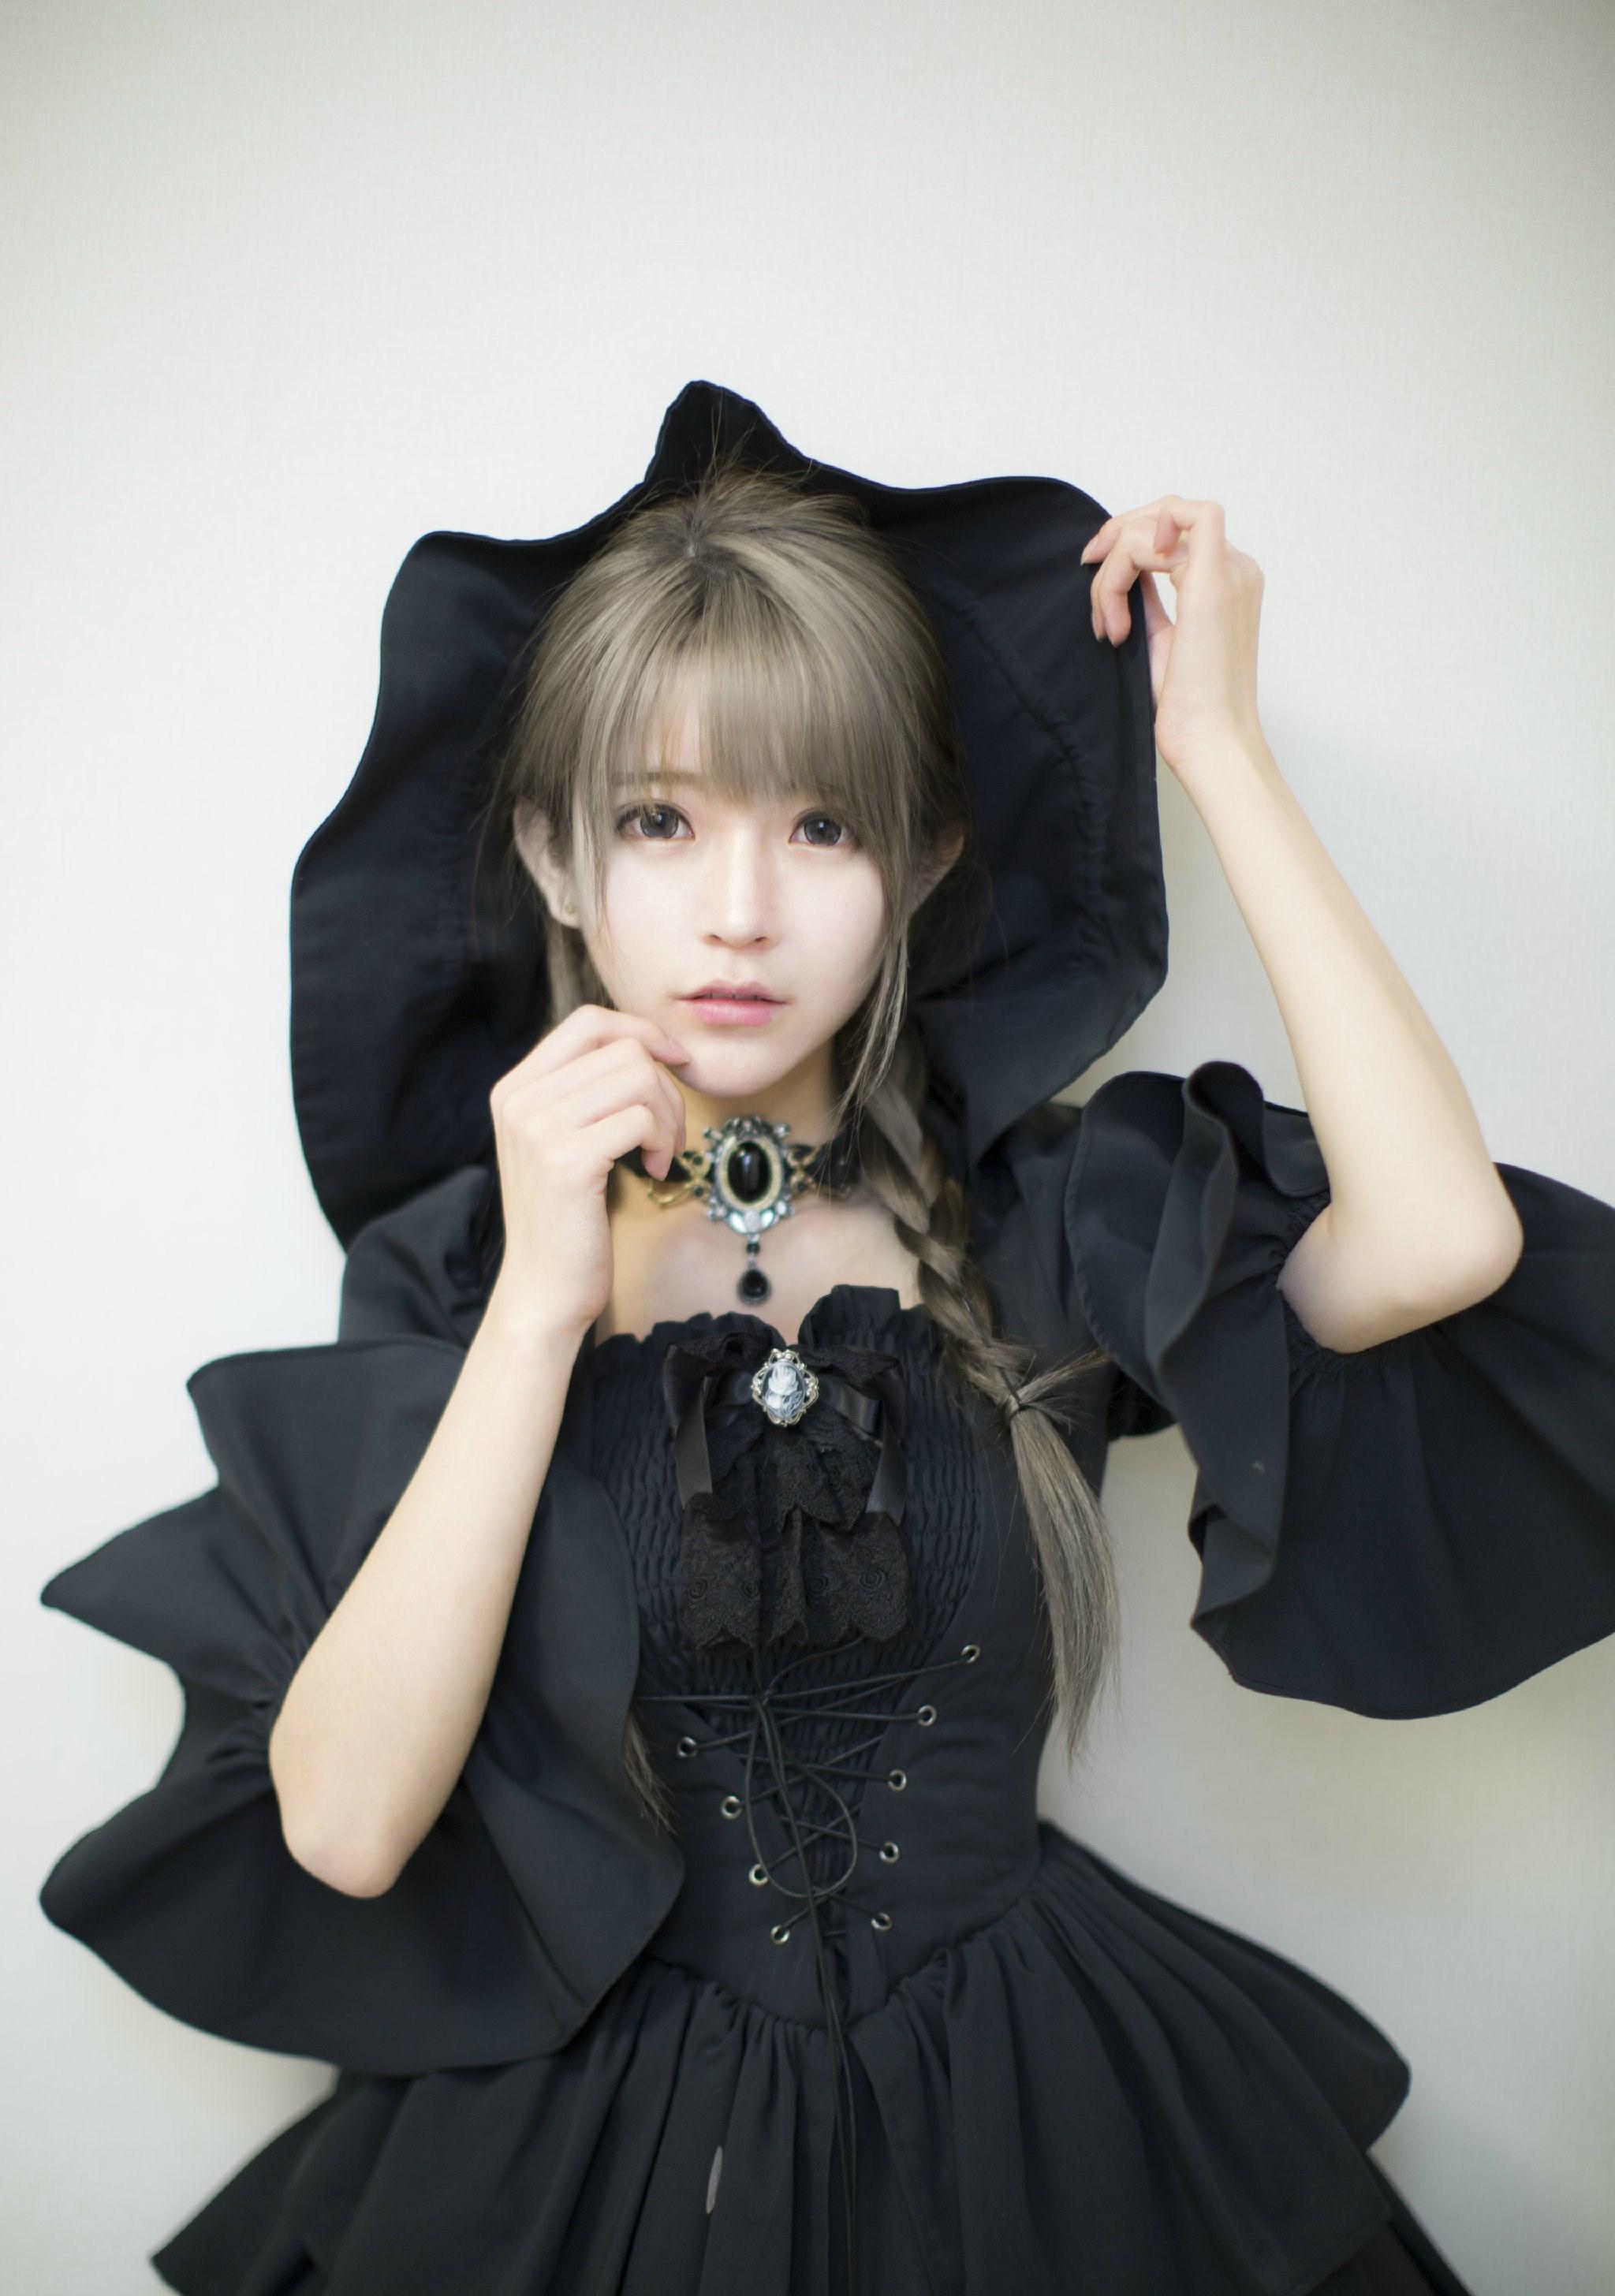 【兔玩映画】Yurisa 兔玩映画 第114张